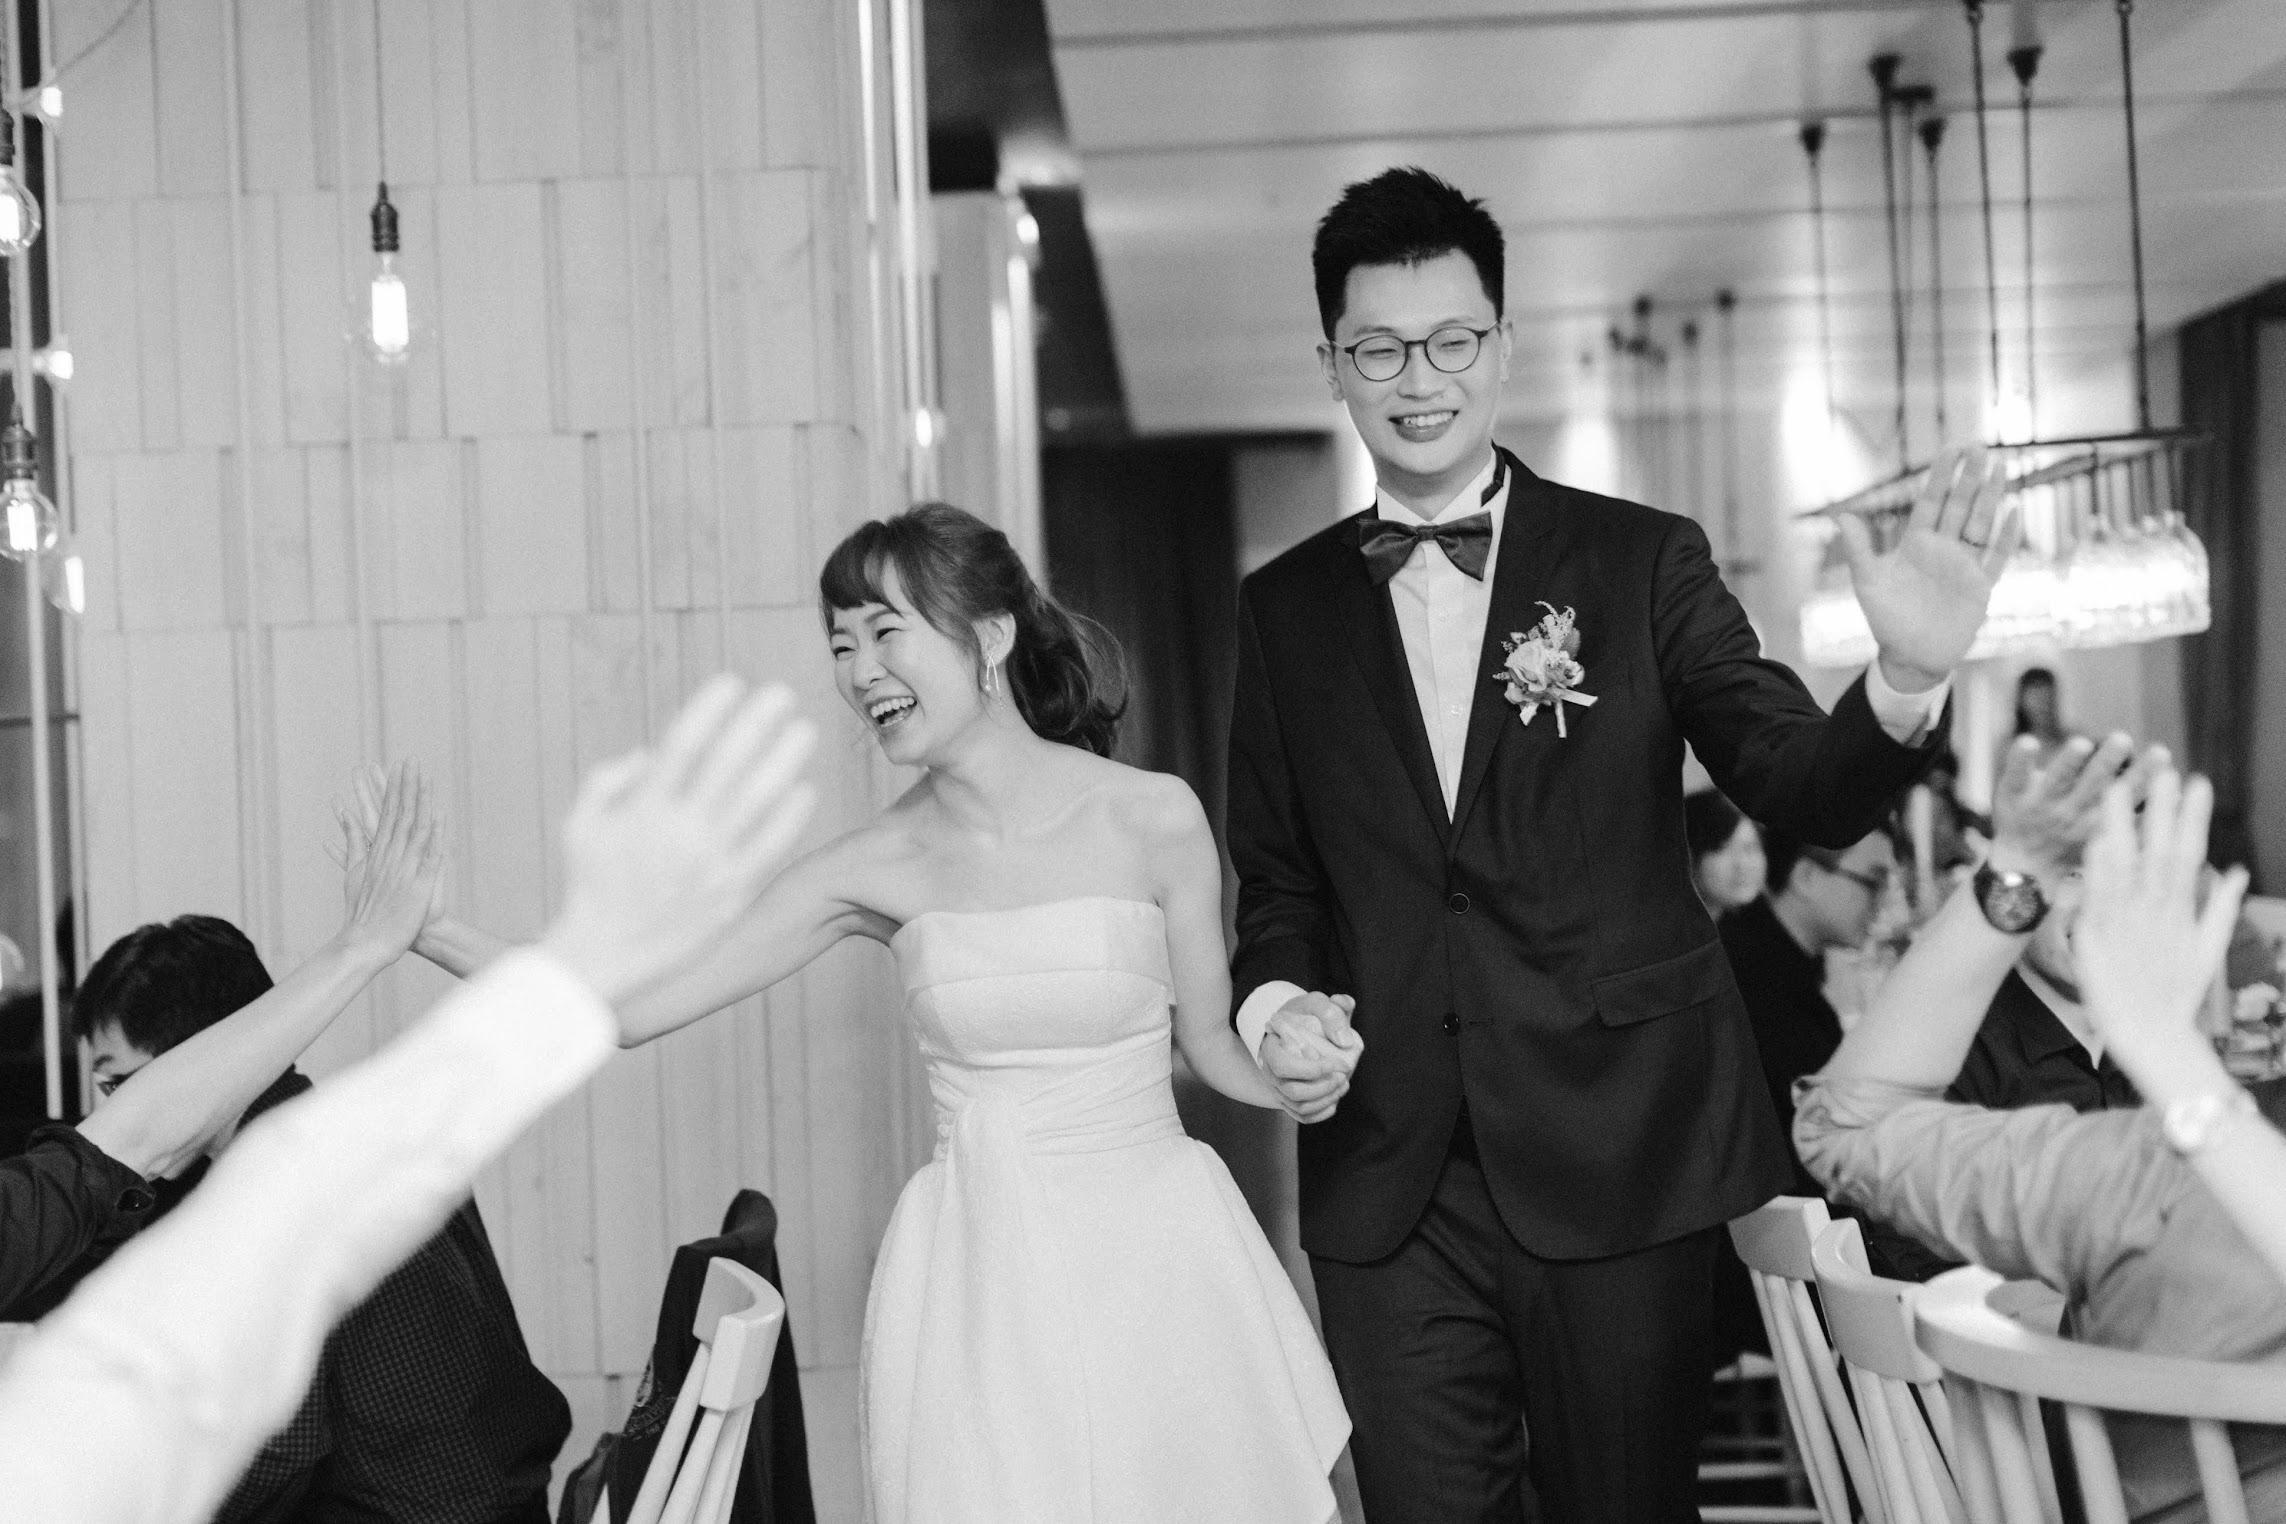 在台北的驢子餐廳舉行陽光正好的美式婚禮 , 是每位新娘夢寐以求的小型婚禮派對樣式!